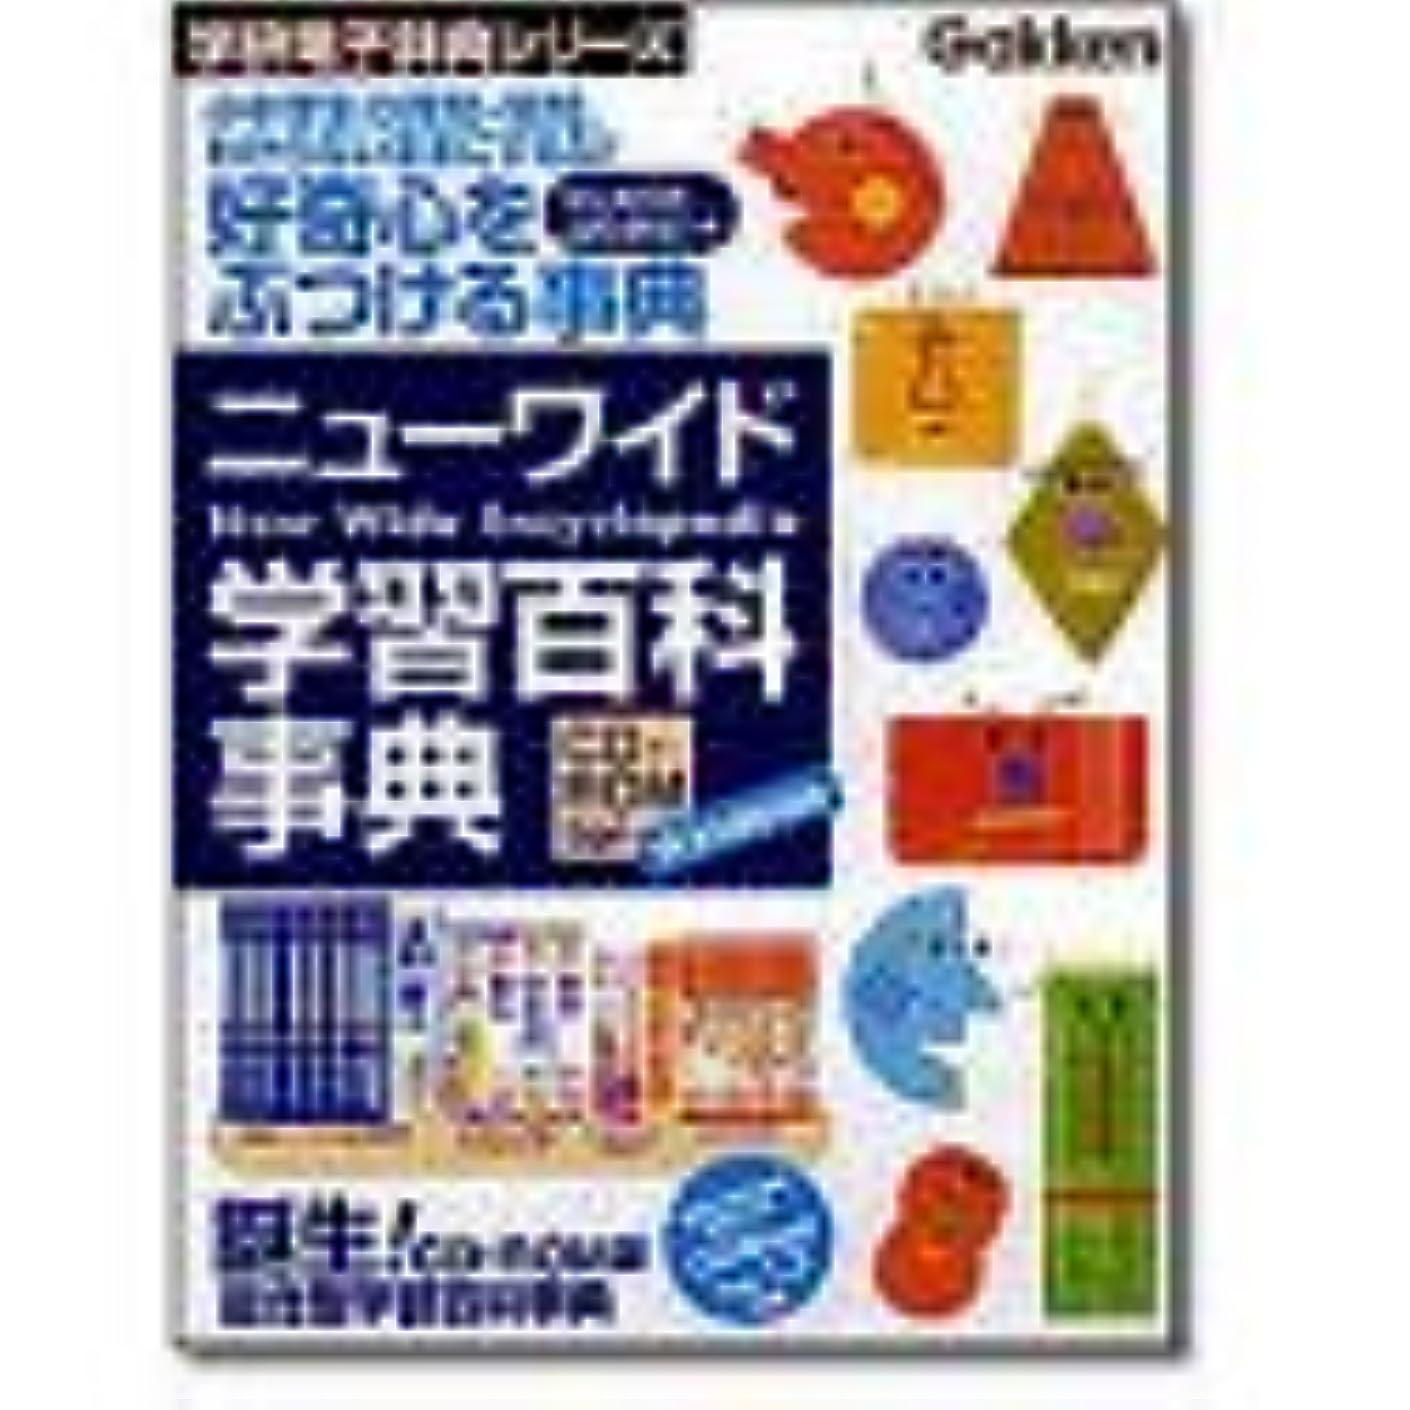 チャネル兄れるニューワイド学習百科事典 CD-ROM for Windows